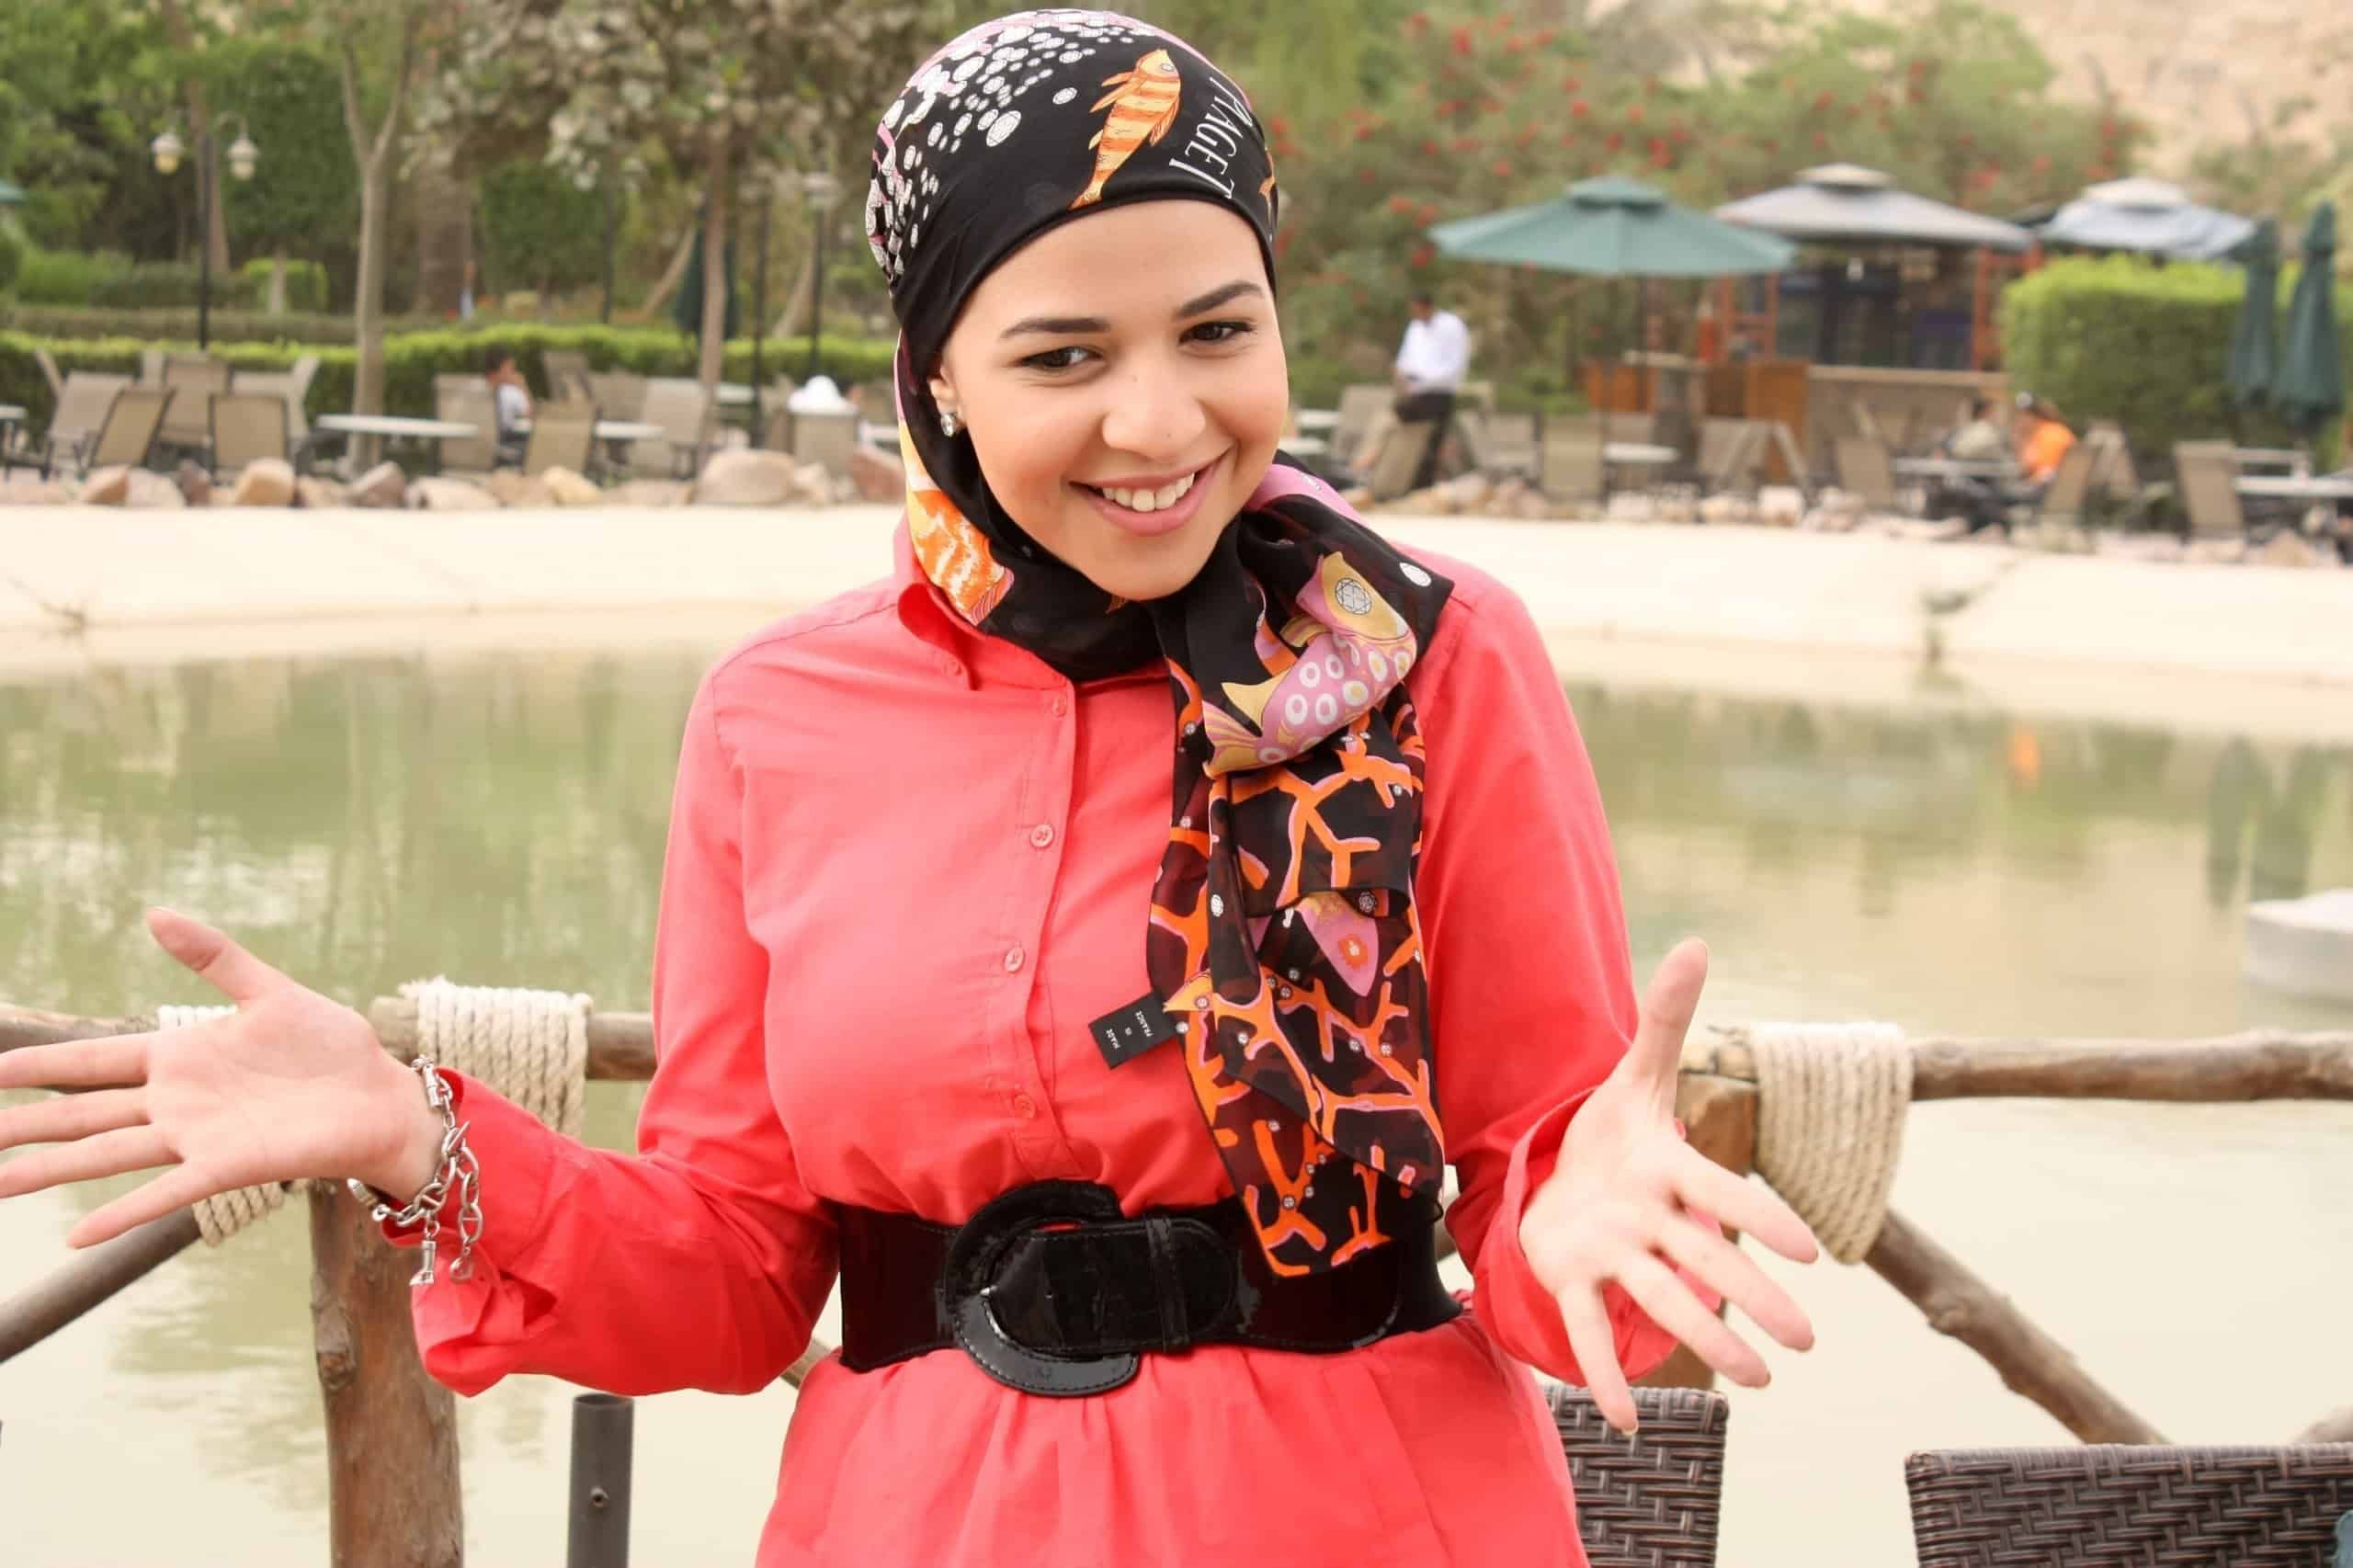 بسبب هذه الصورة الجمهور يشك في إرتداء إيمي سمير غانم الحجاب وإعتزالها للفن Fashion Hijab Egypt